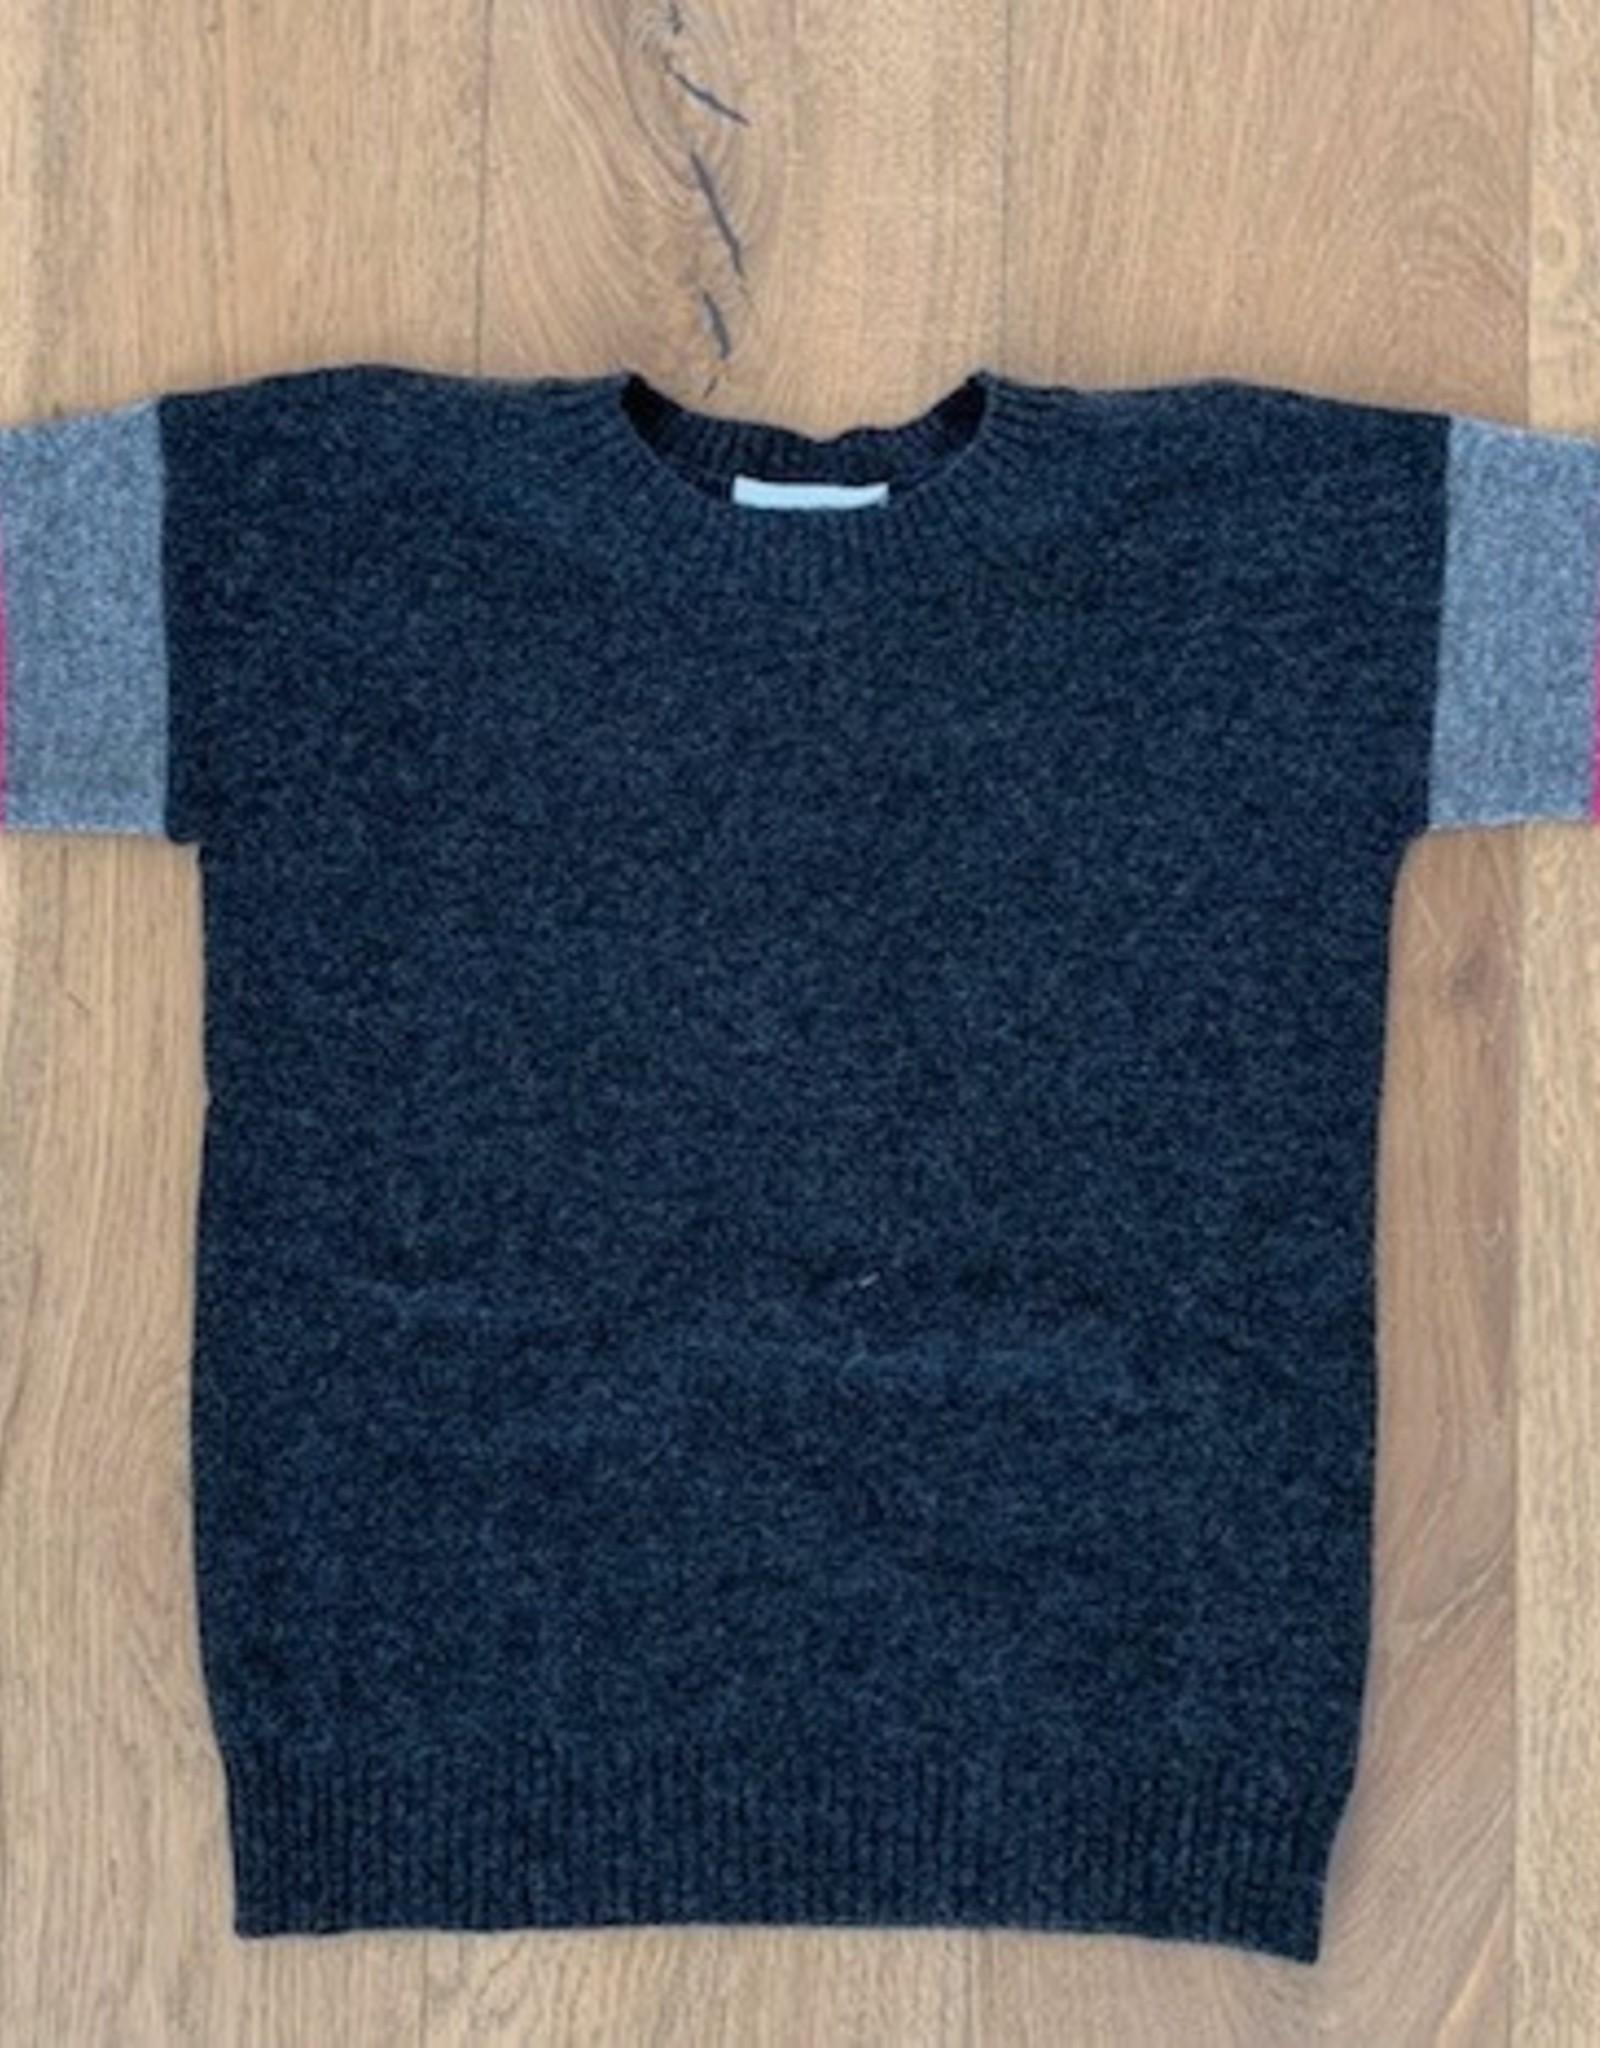 Autumn Cashmere Autumn Cashmere Striped Sleeve Drop Shoulder